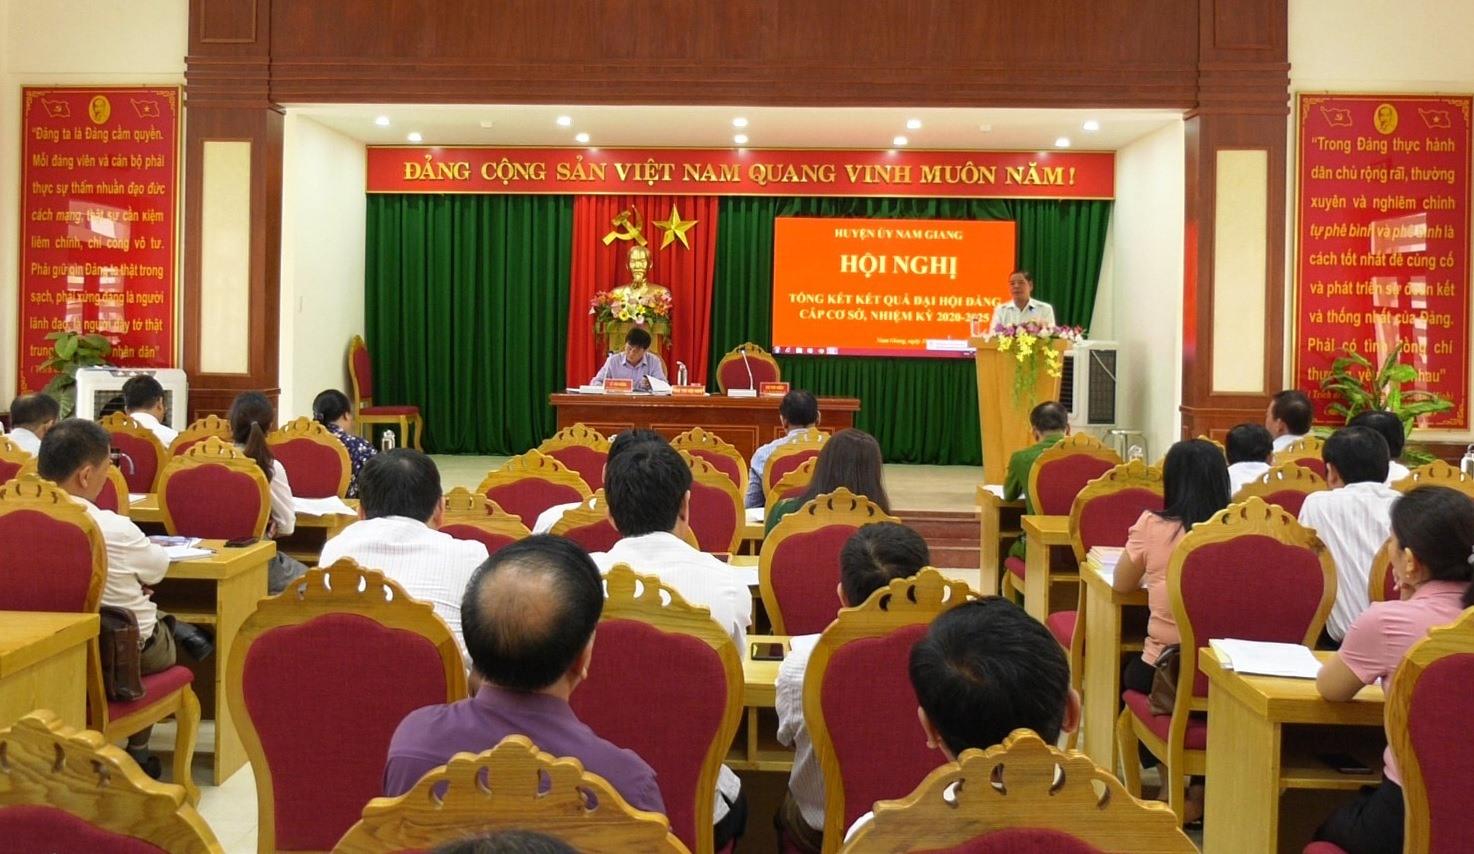 Huyện ủy Nam Giang tổ chức hội nghị tổng kết kết quả đại hội cấp cơ sở nhiệm kỳ 2020 - 2025.